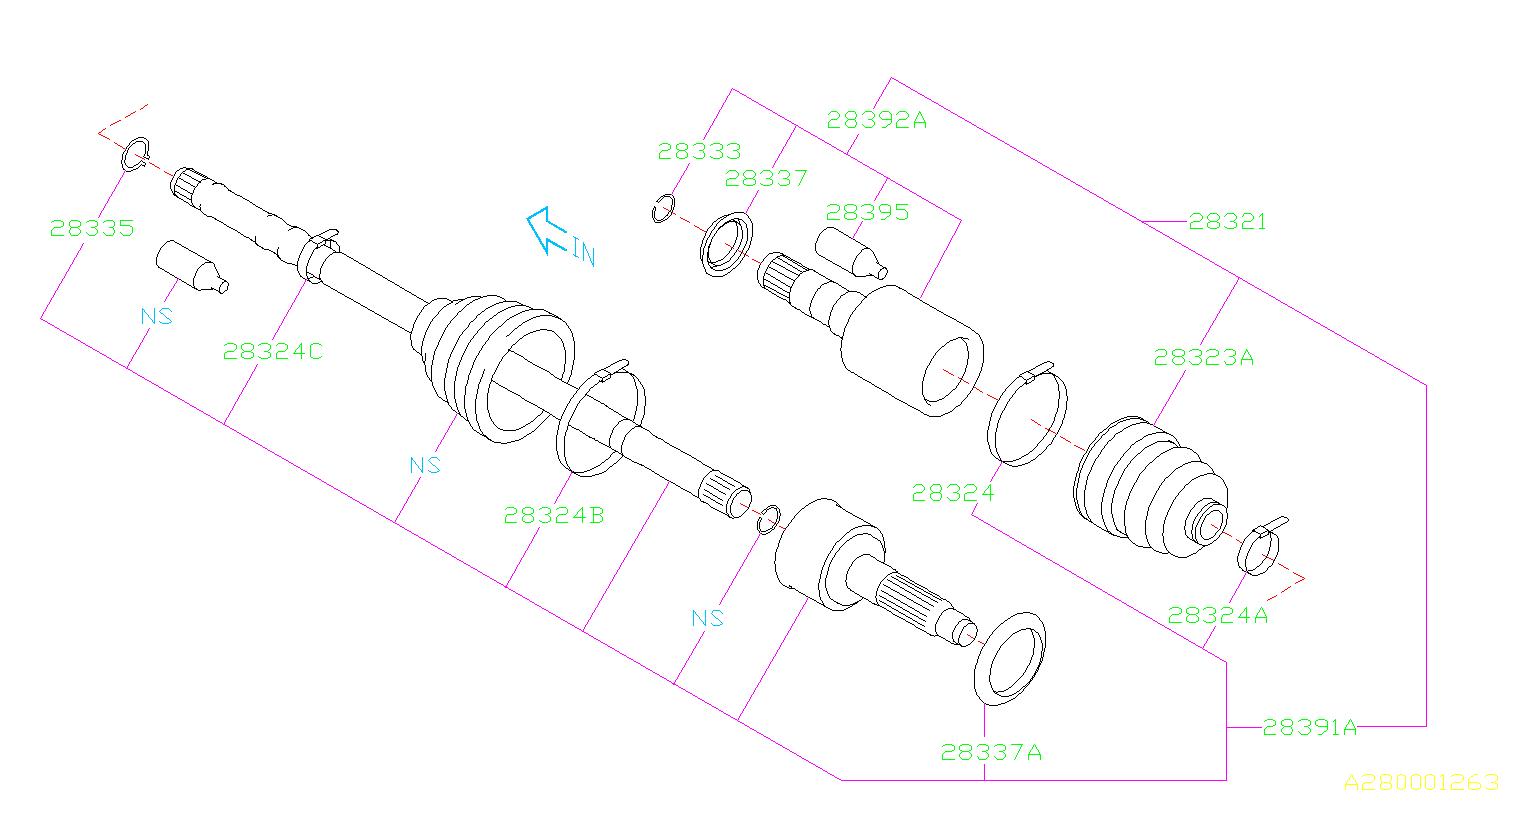 28321fj020 - Cv Axle  Front